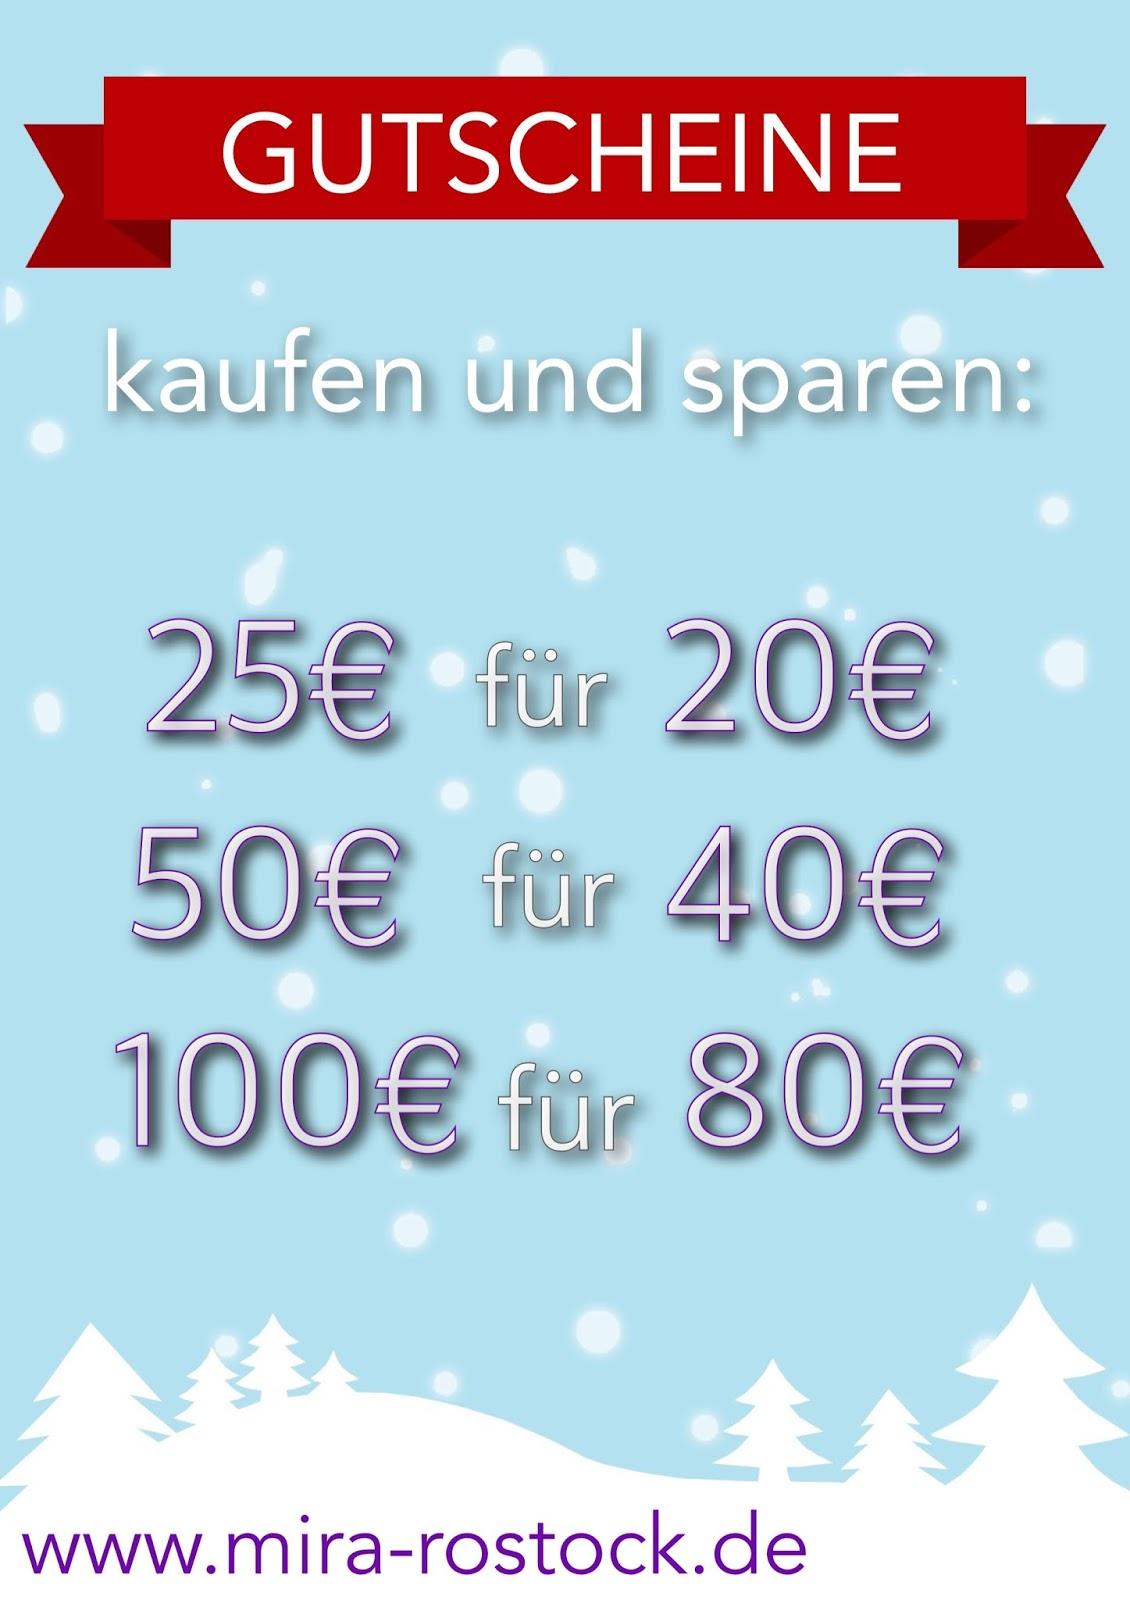 miras Advents-Countdown - Gutscheine kaufen und sparen!